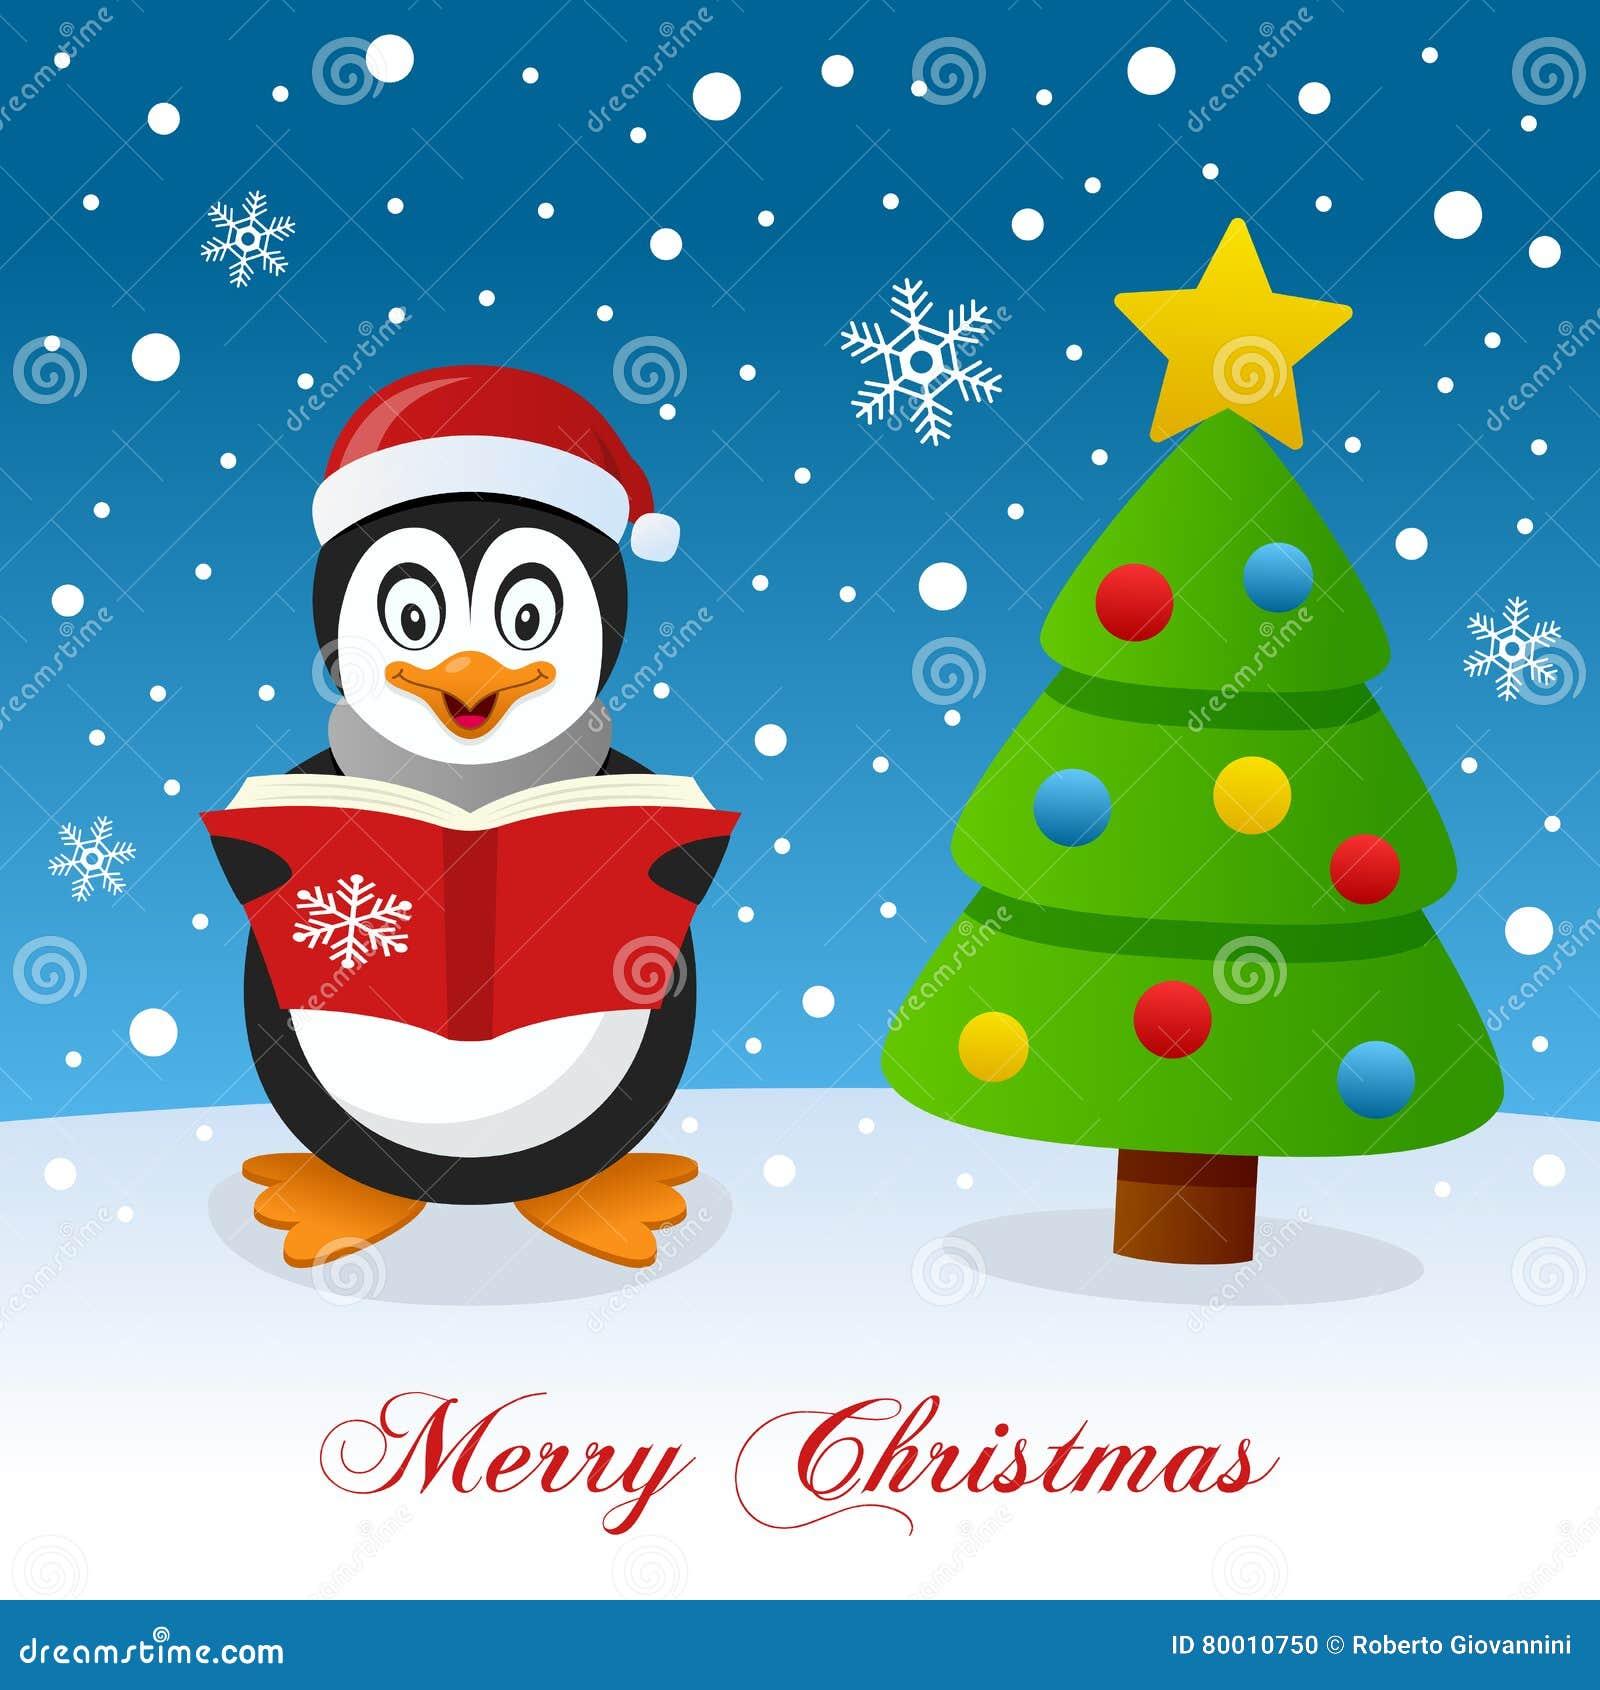 Frohe Weihnachten Mit Pinguin Und Baum Vektor Abbildung ...